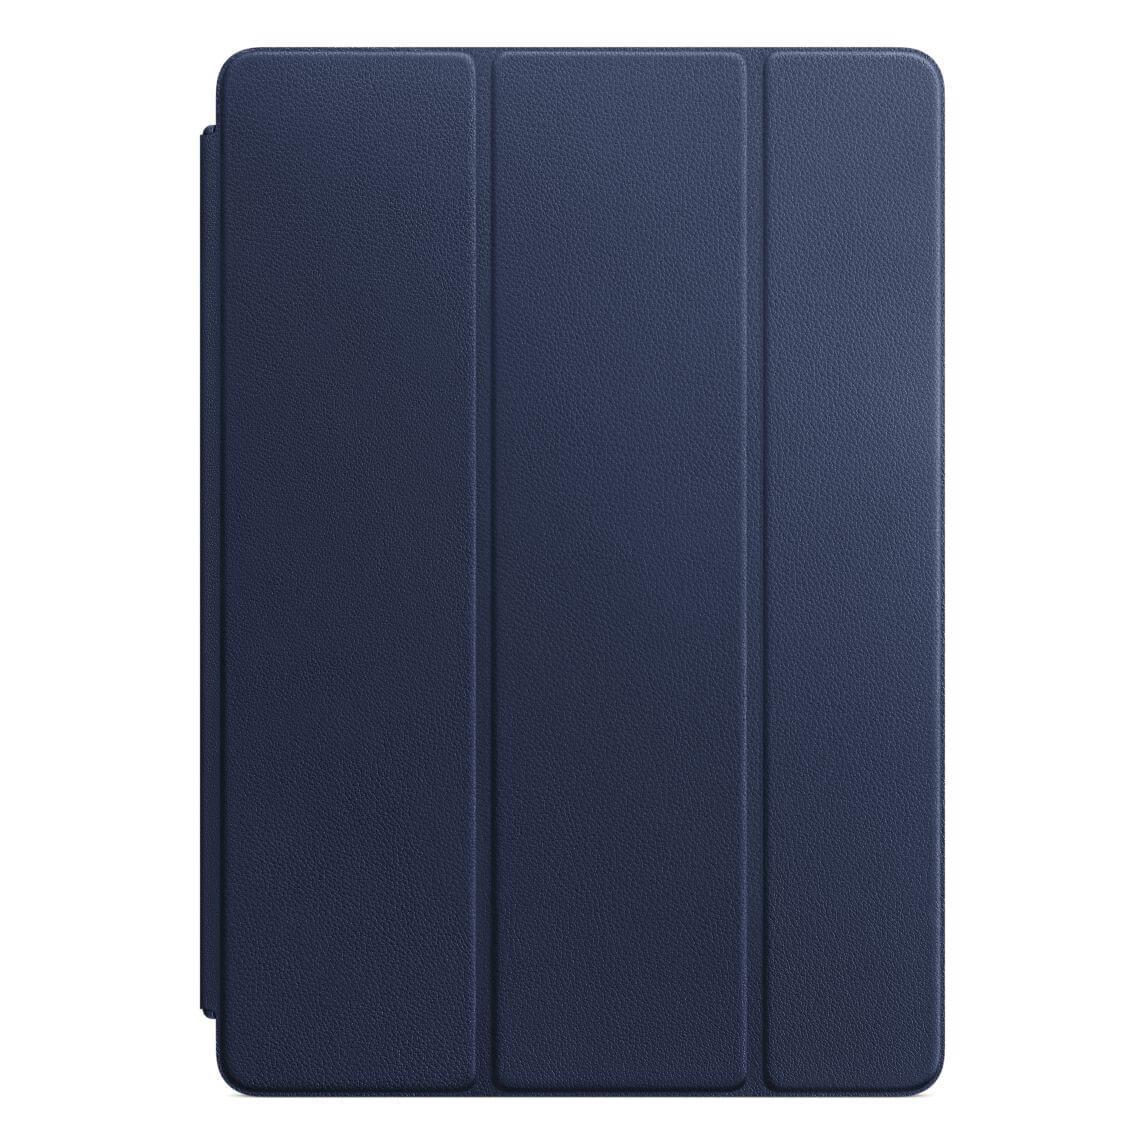 Nahkainen Smart Cover 10,5 tuuman iPad Prolle - yönsininen